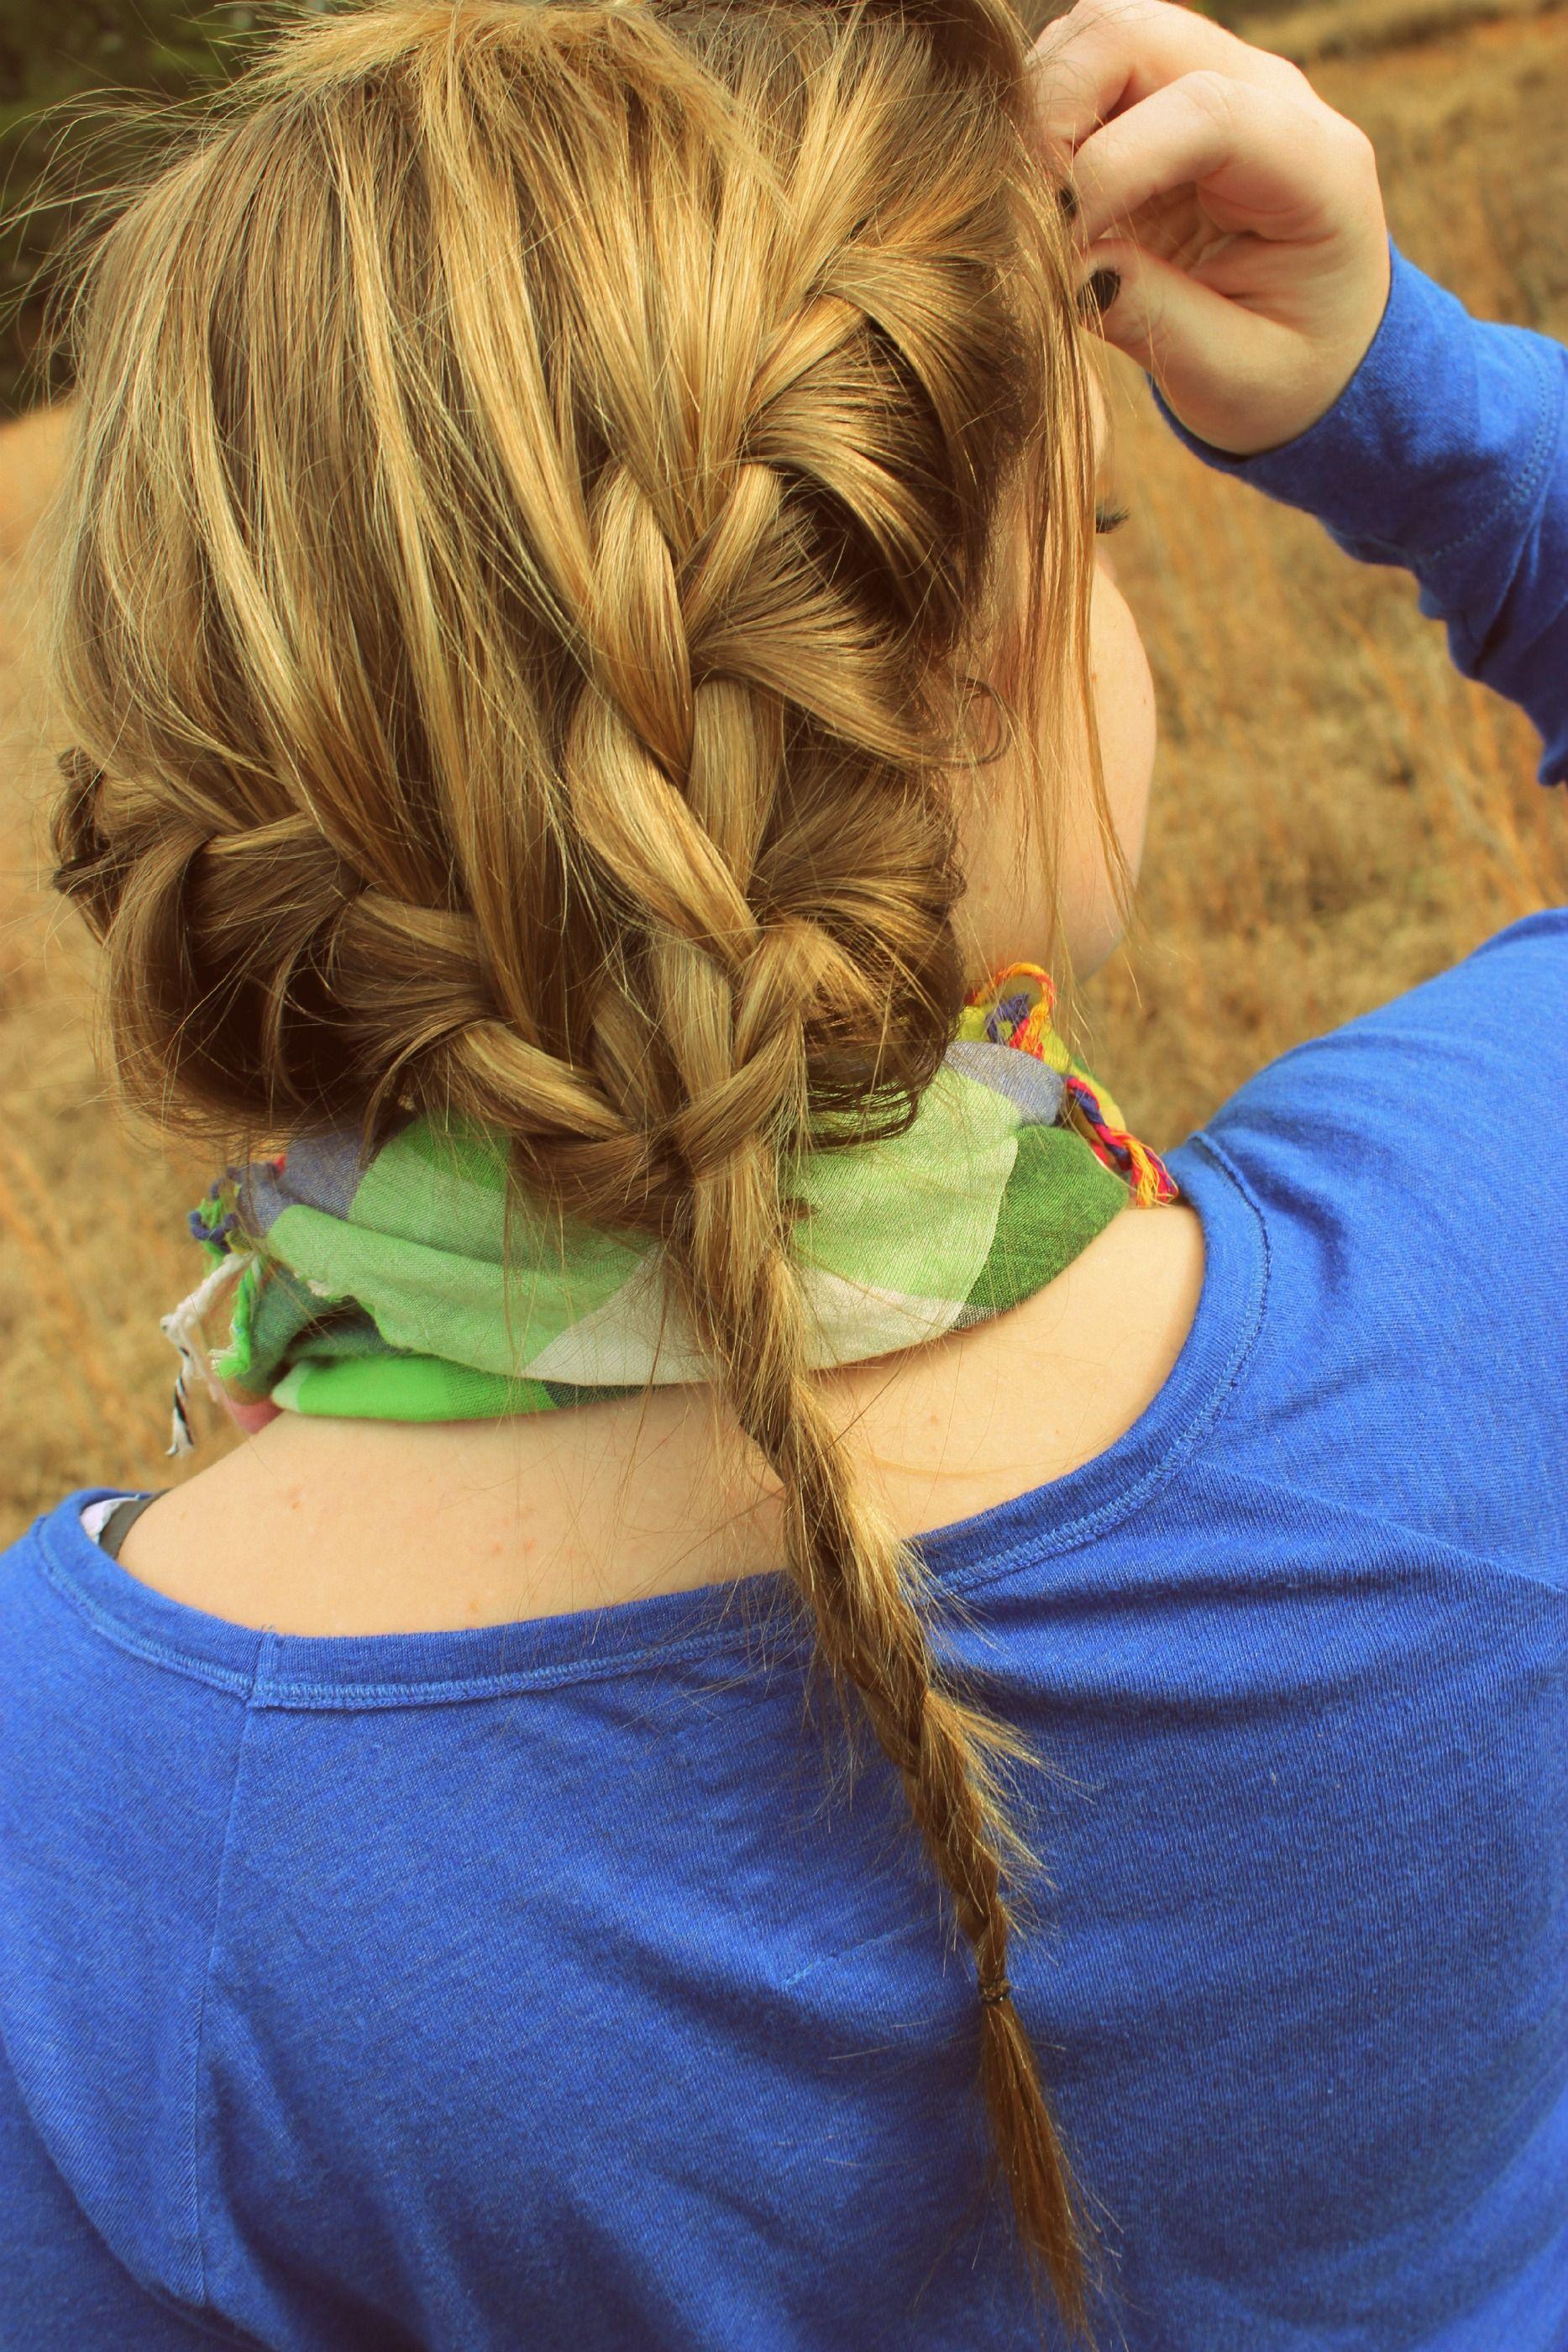 French Braid Hair Hairstyles Braid Frenchbraid Hair Styles Hairstyles For Thin Hair Braids For Thin Hair